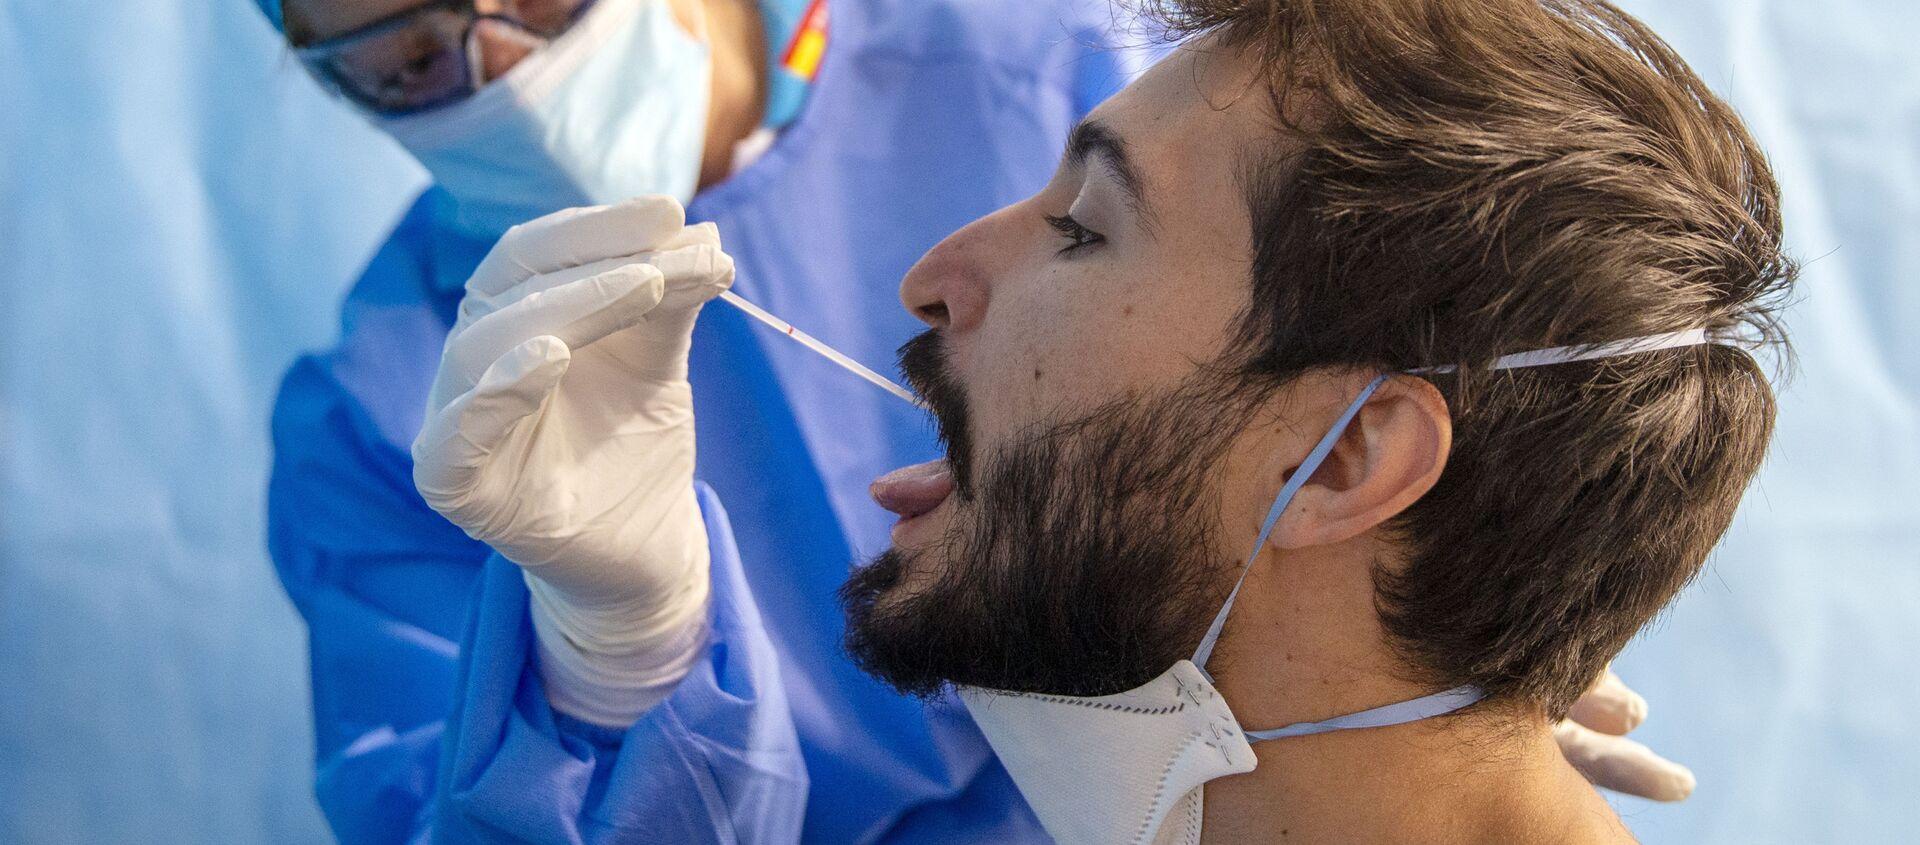 Un trabajador de la salud toma una muestra para una prueba de PCR para el COVID-19 en un centro médico en Madrid. 17 de agosto - Sputnik Mundo, 1920, 03.09.2020